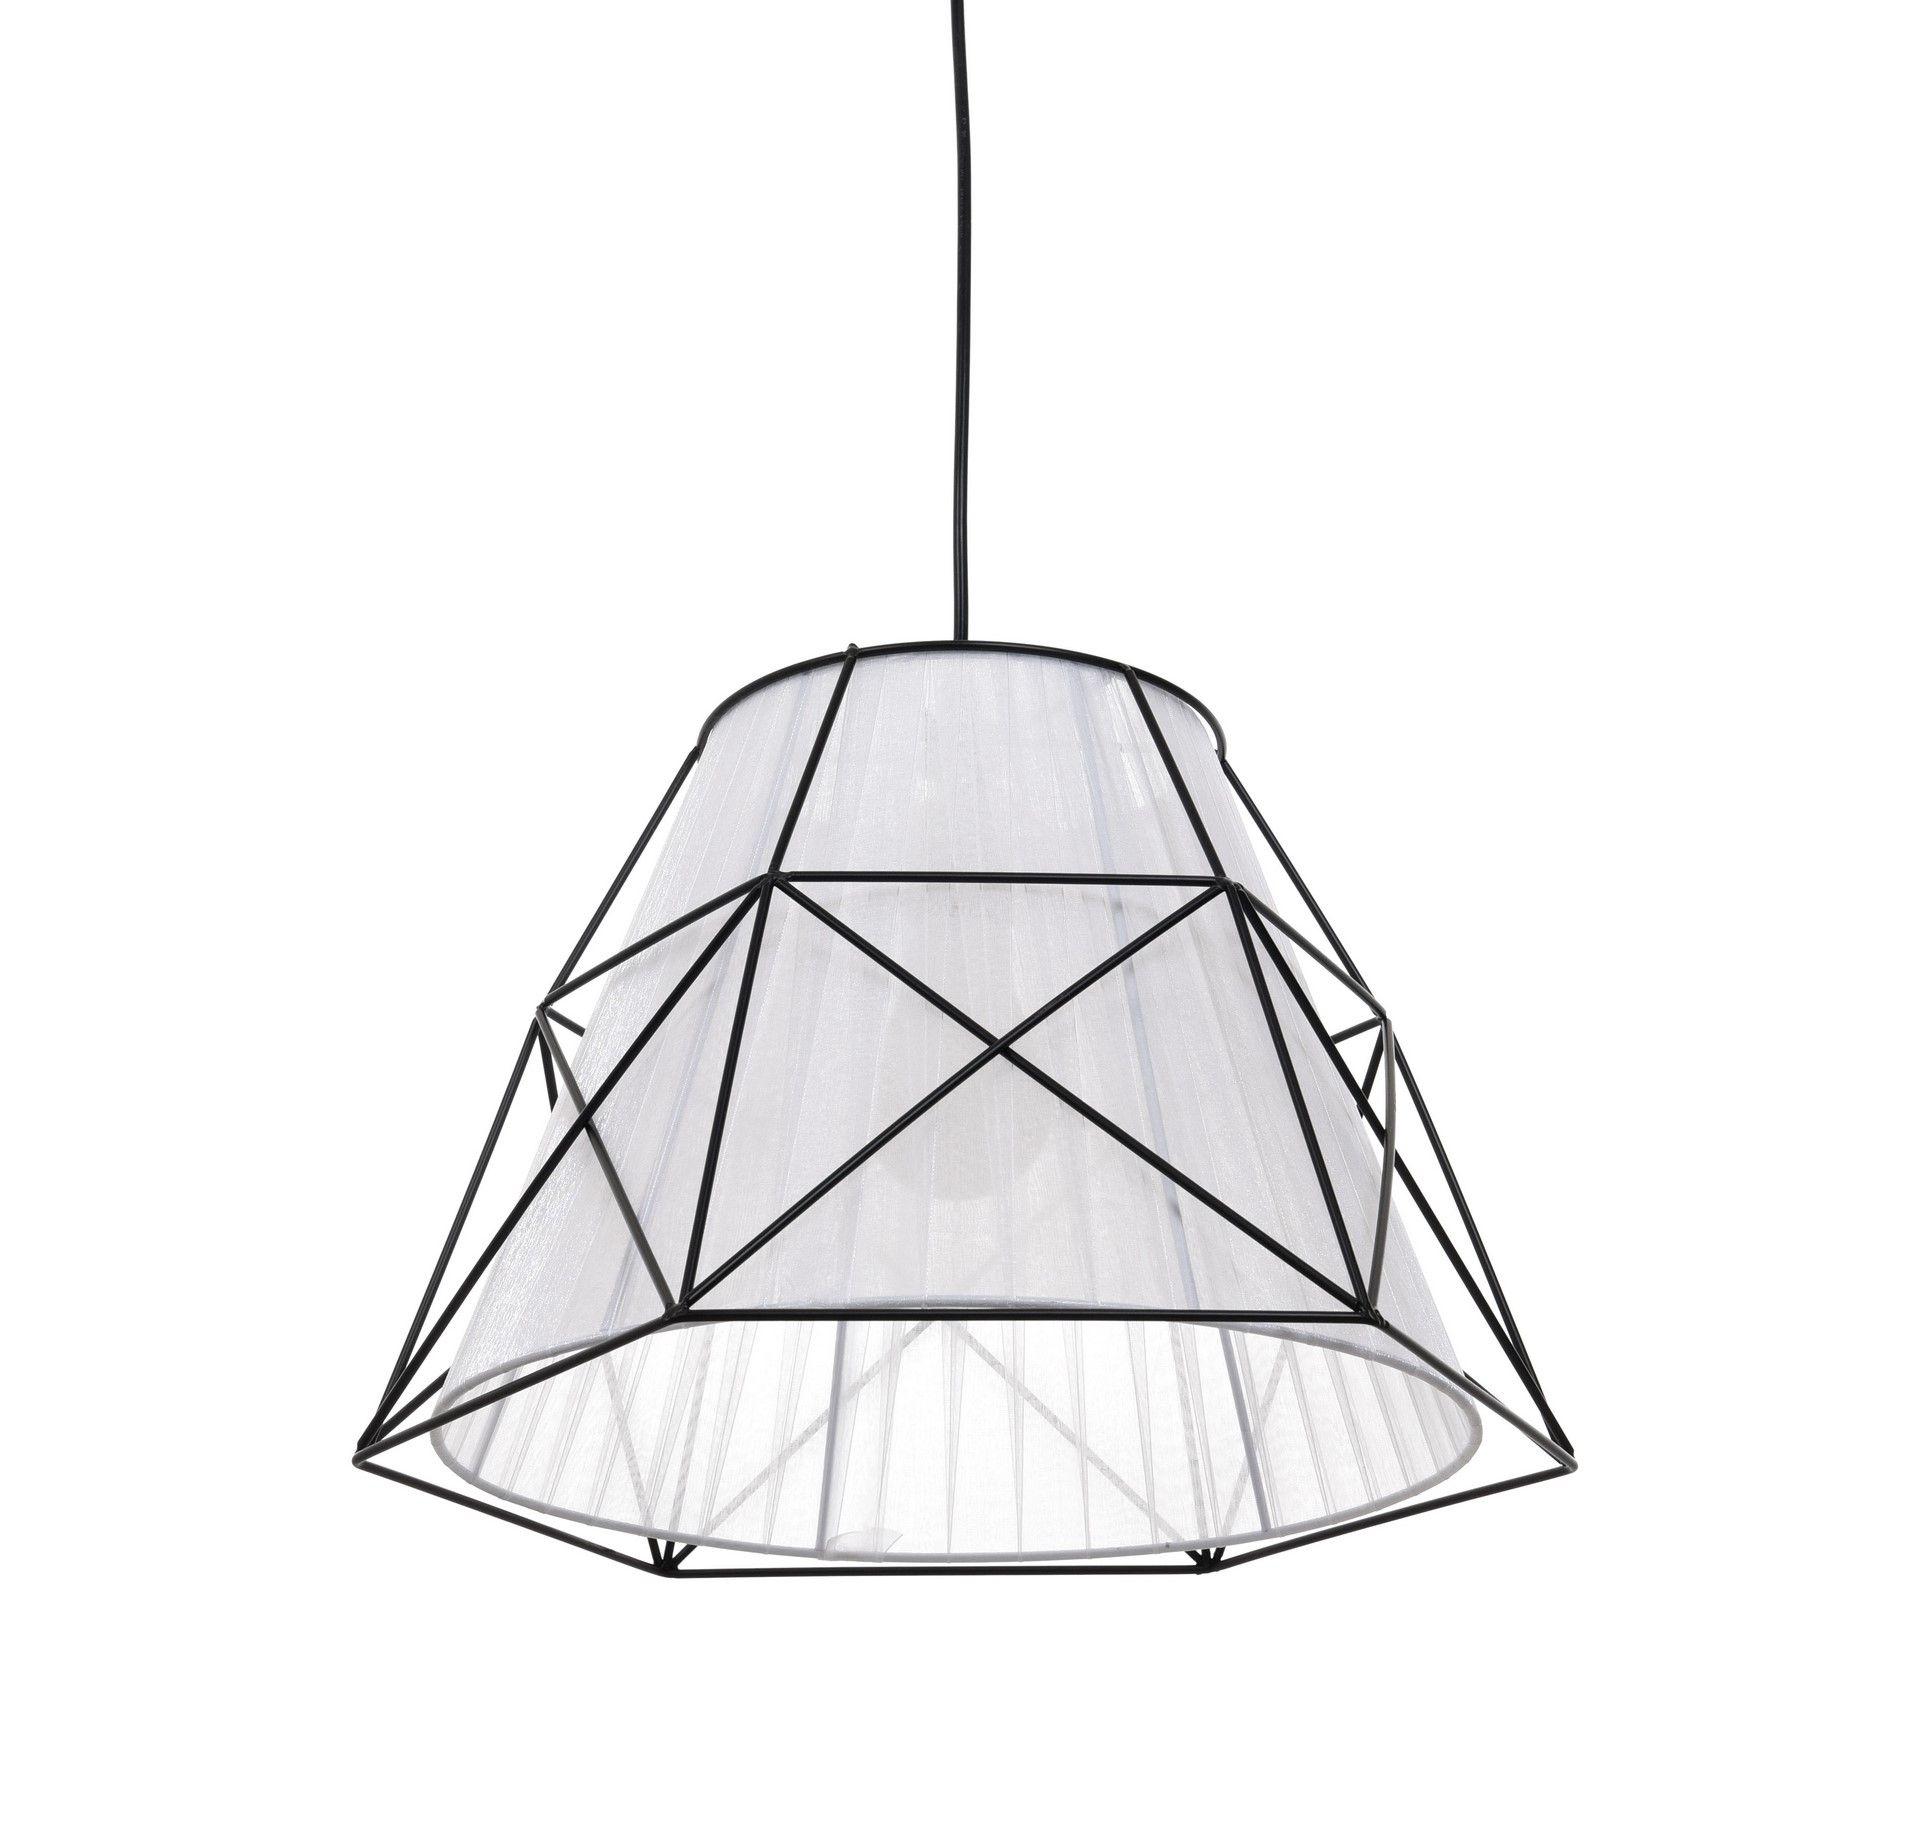 Подвесной светильник Lumina Deco Boneti LDP 8002 BK+WT, 1xE27x40W, черный, белый, черно-белый, металл, текстиль - фото 3